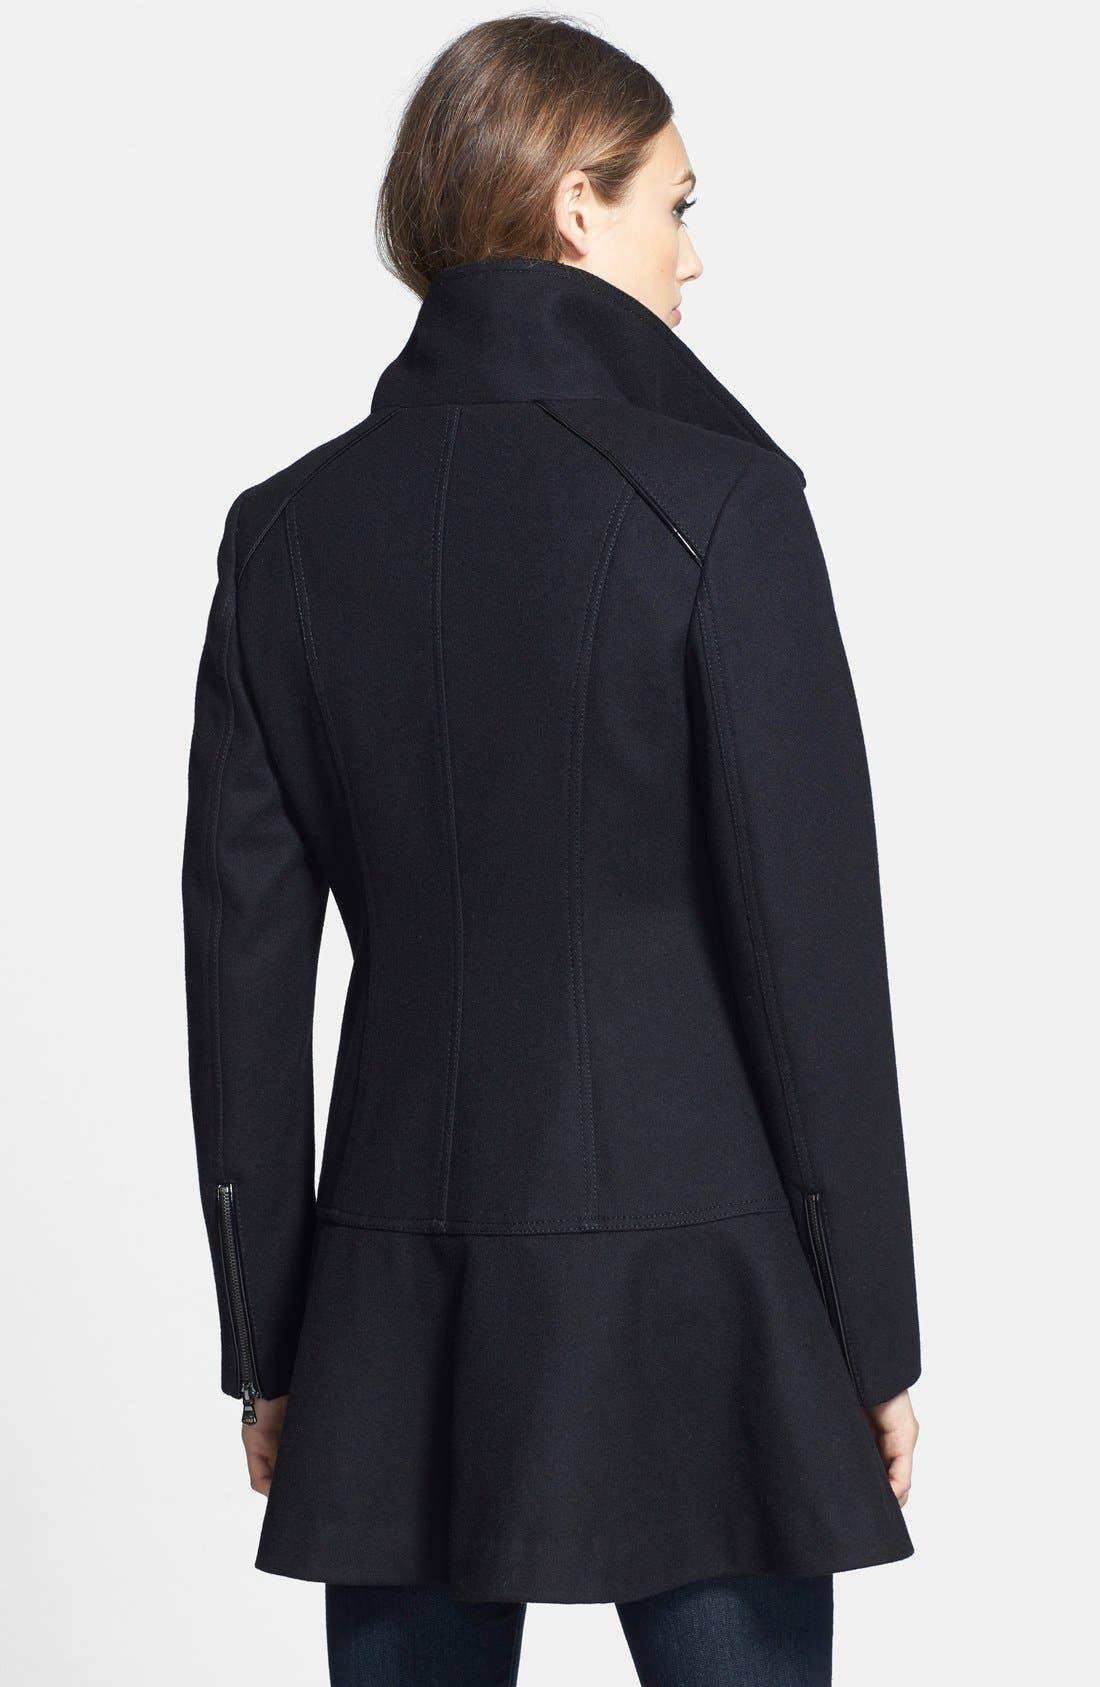 Skirted Wool Blend Coat,                             Alternate thumbnail 2, color,                             001